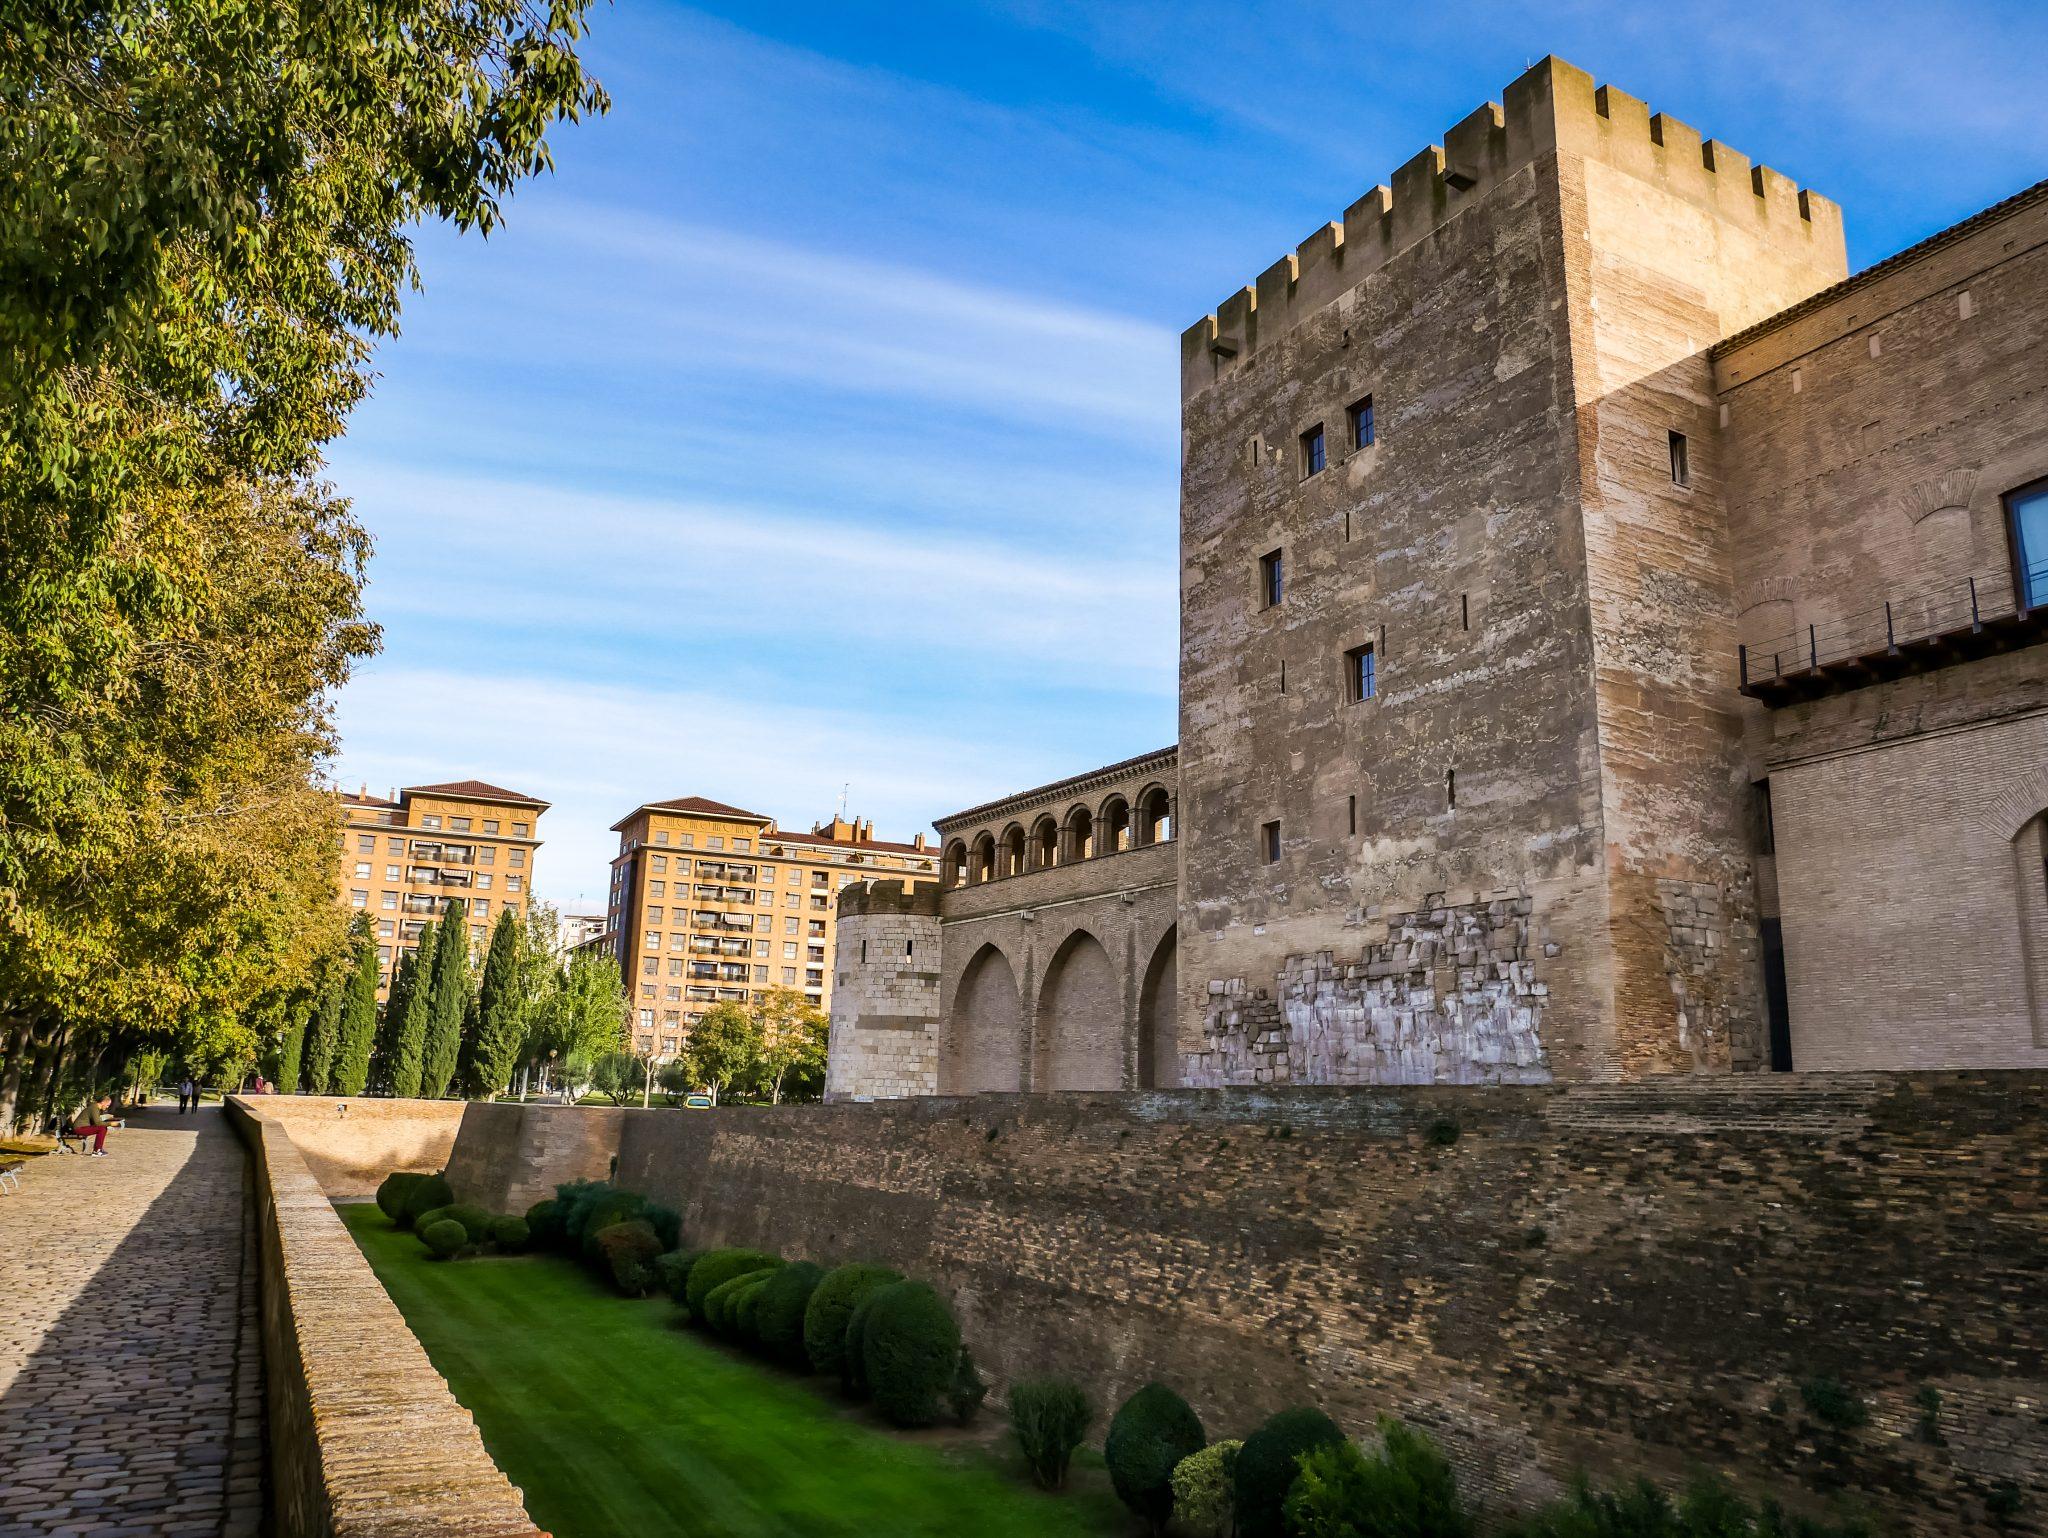 Das einzige Original aus dem 9. Jahrhundert ist der Turm des Troubadours, welcher zu denberühmtesten Sehenswürdigkeiten in Saragossa zählt.